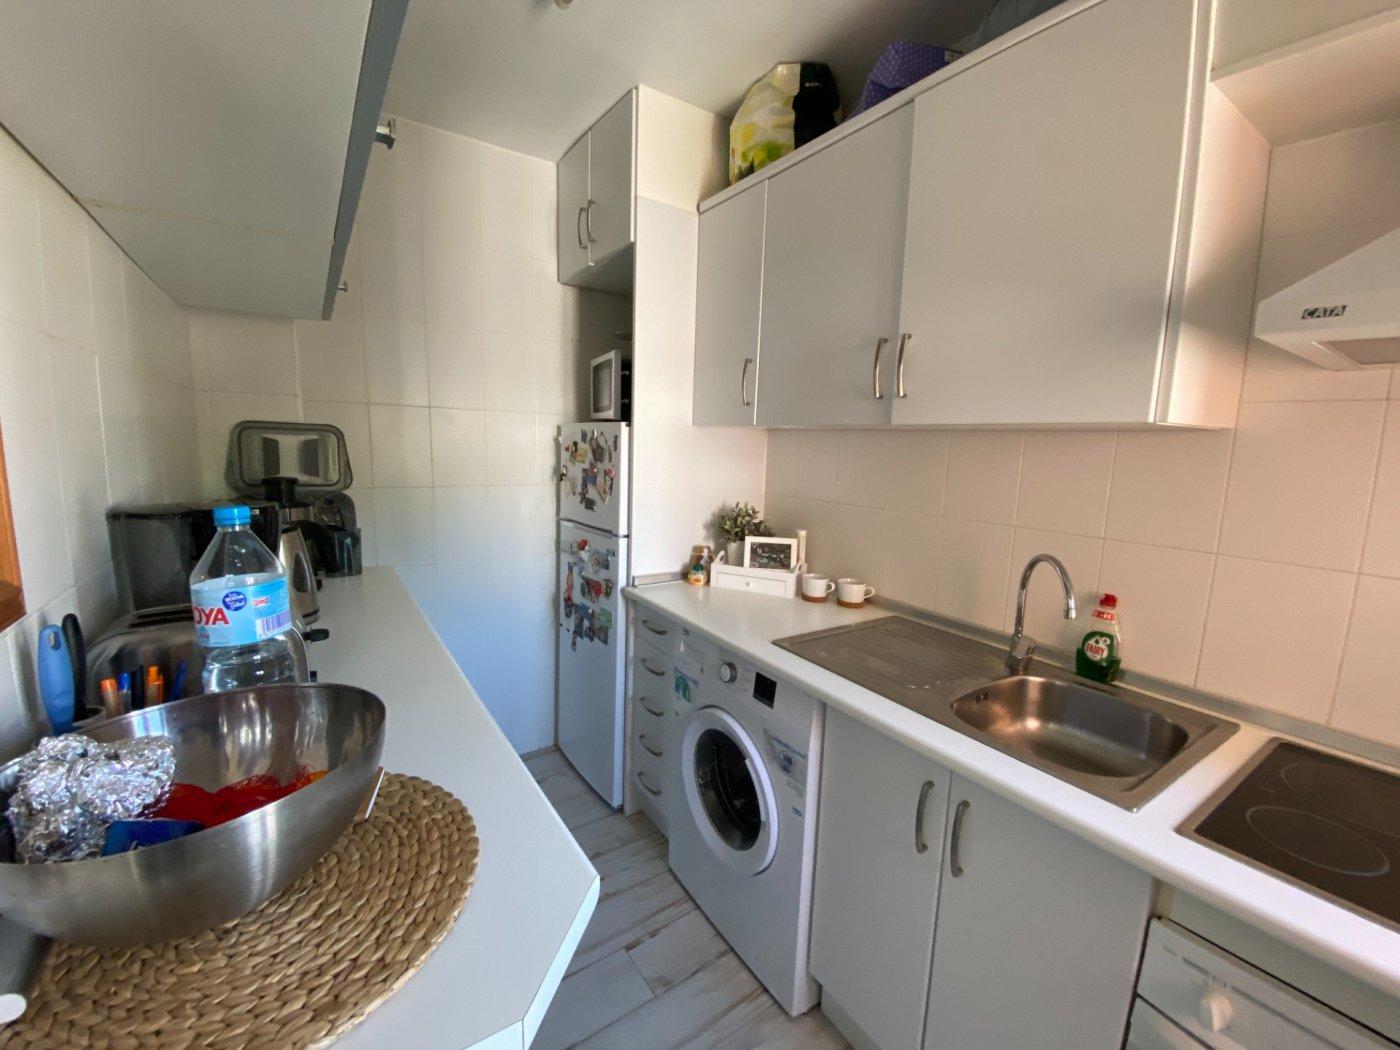 Alquiler con opcion de compra!espectacular apartamento con vistas al mar y parking propio - imagenInmueble9